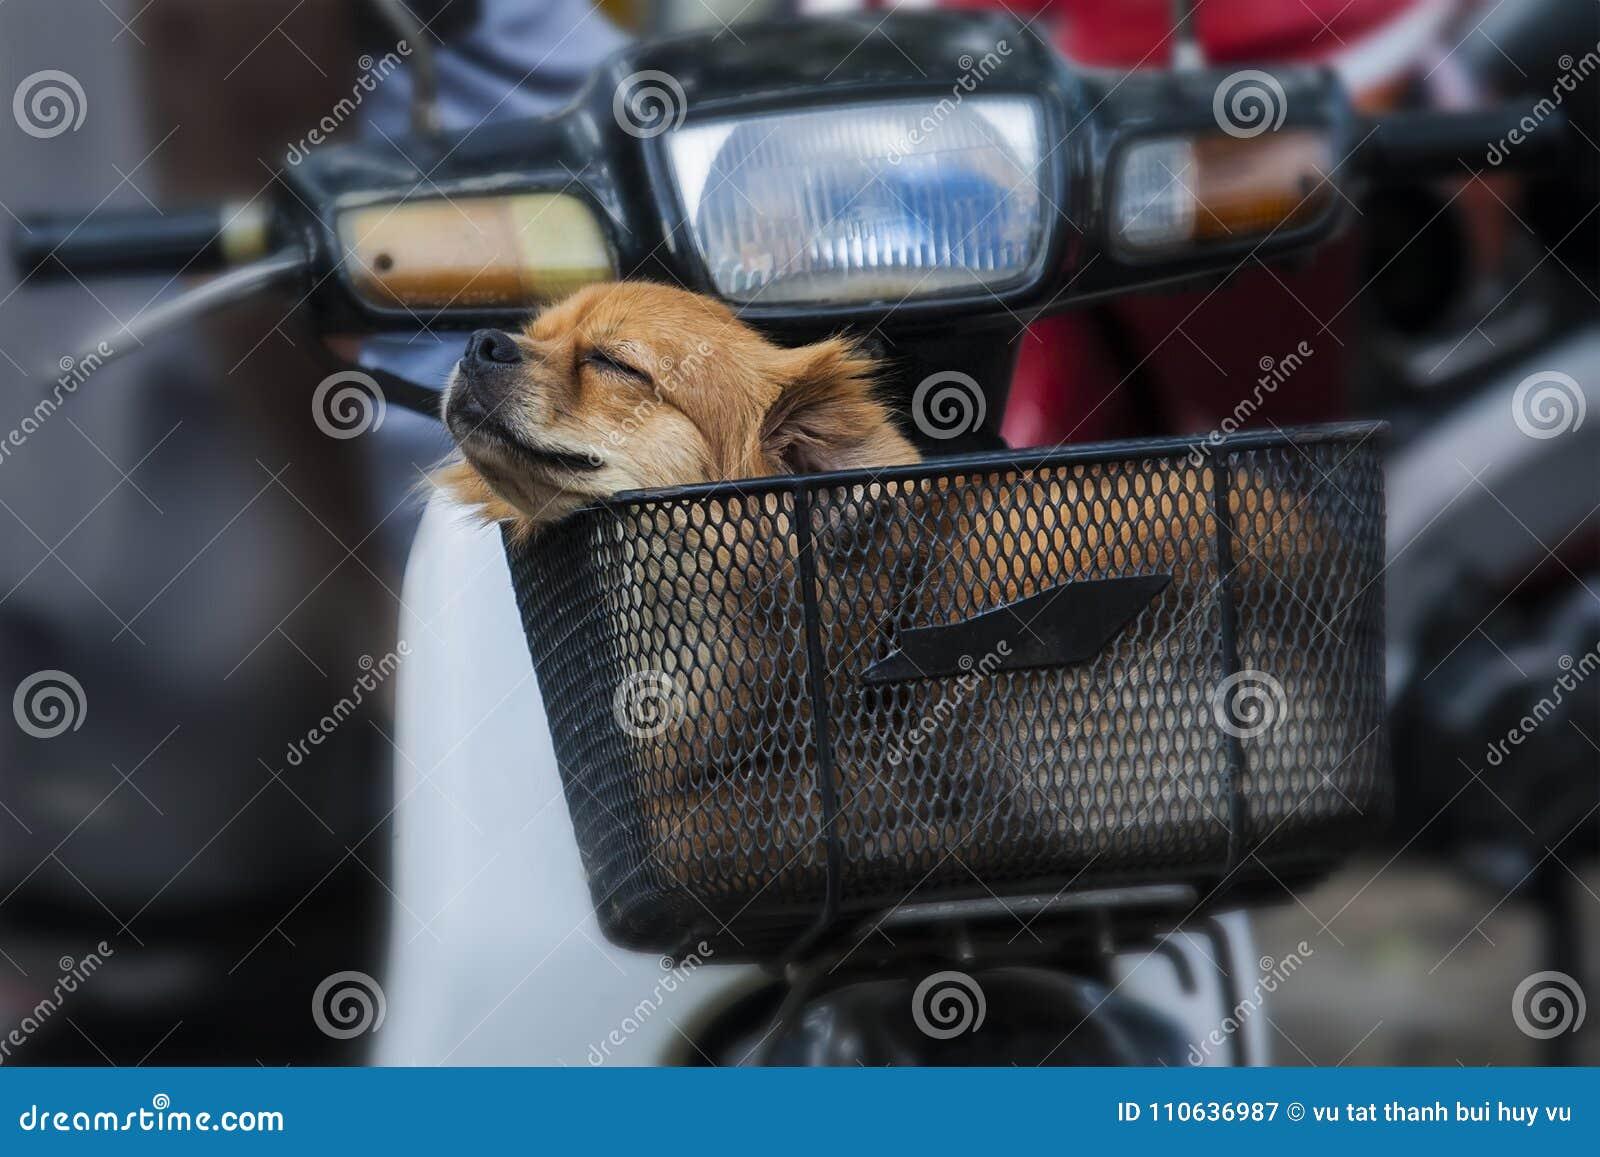 Zeer leuke puppy de hond slaapt voor motor